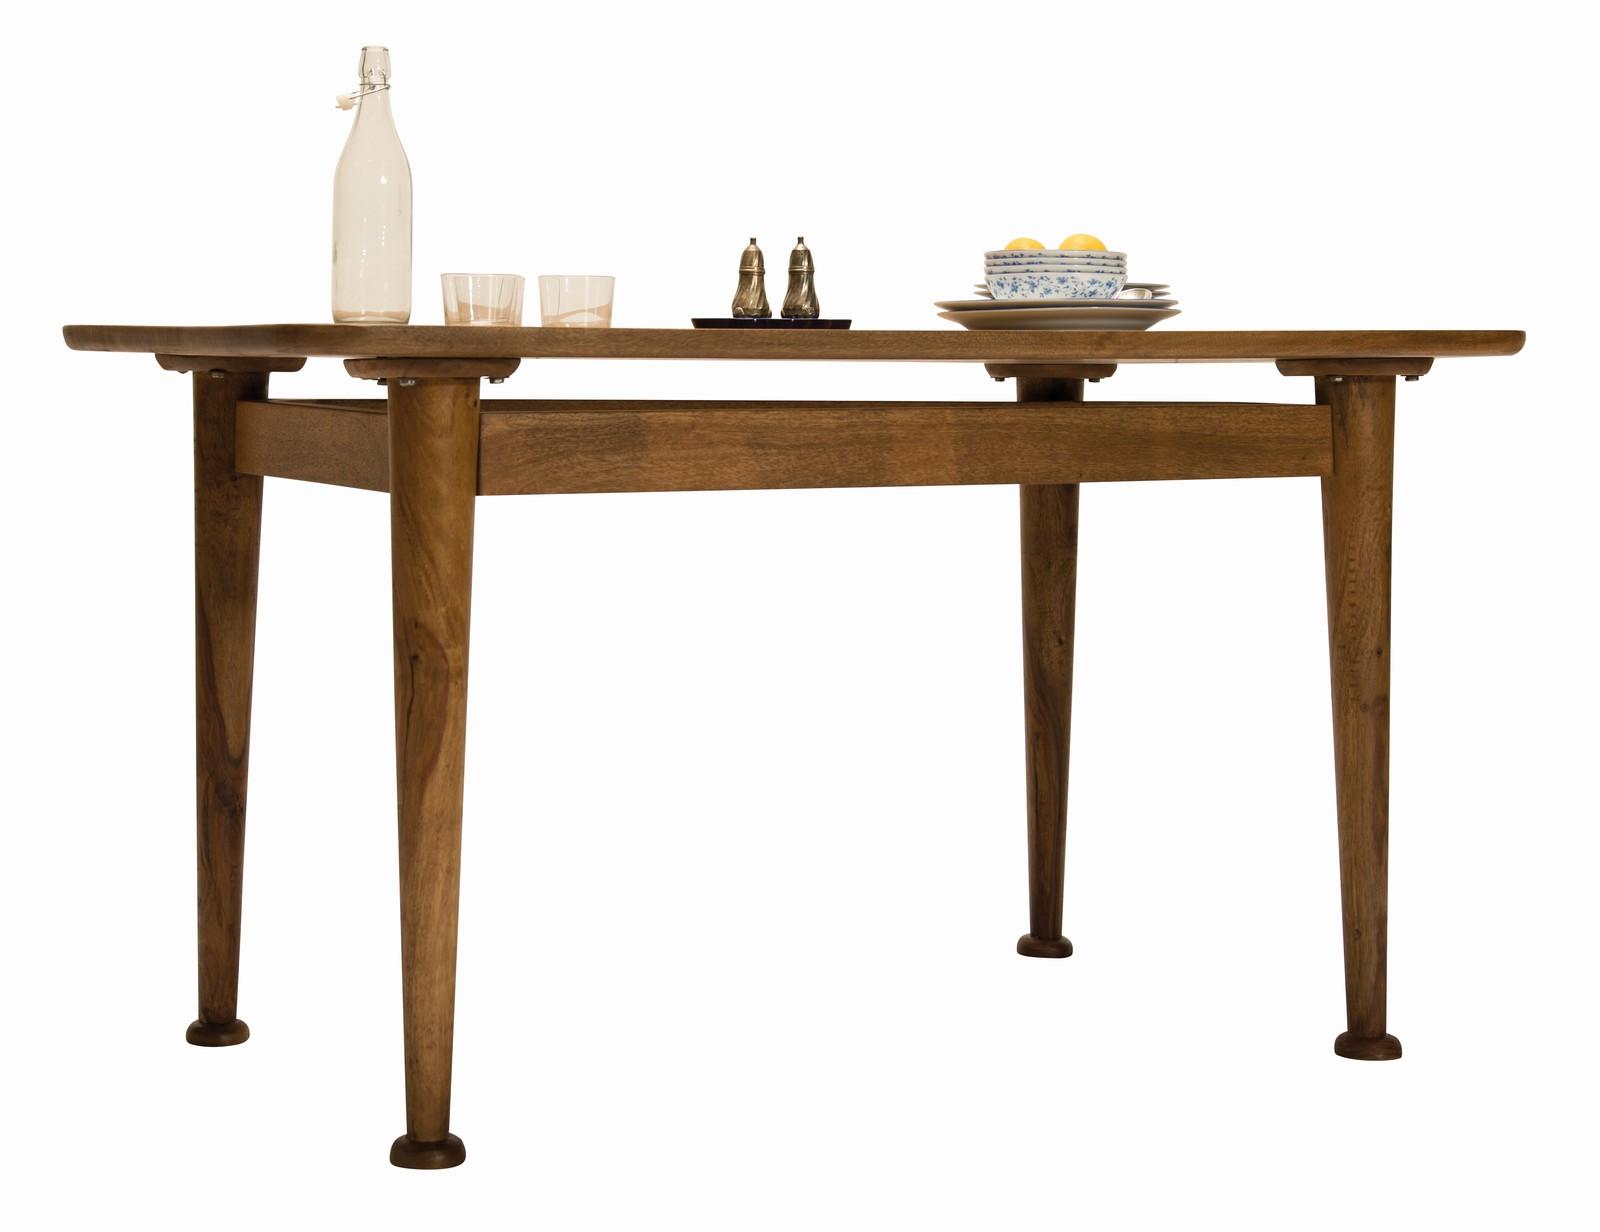 sit m bel tisch tom tailor 12814 01. Black Bedroom Furniture Sets. Home Design Ideas